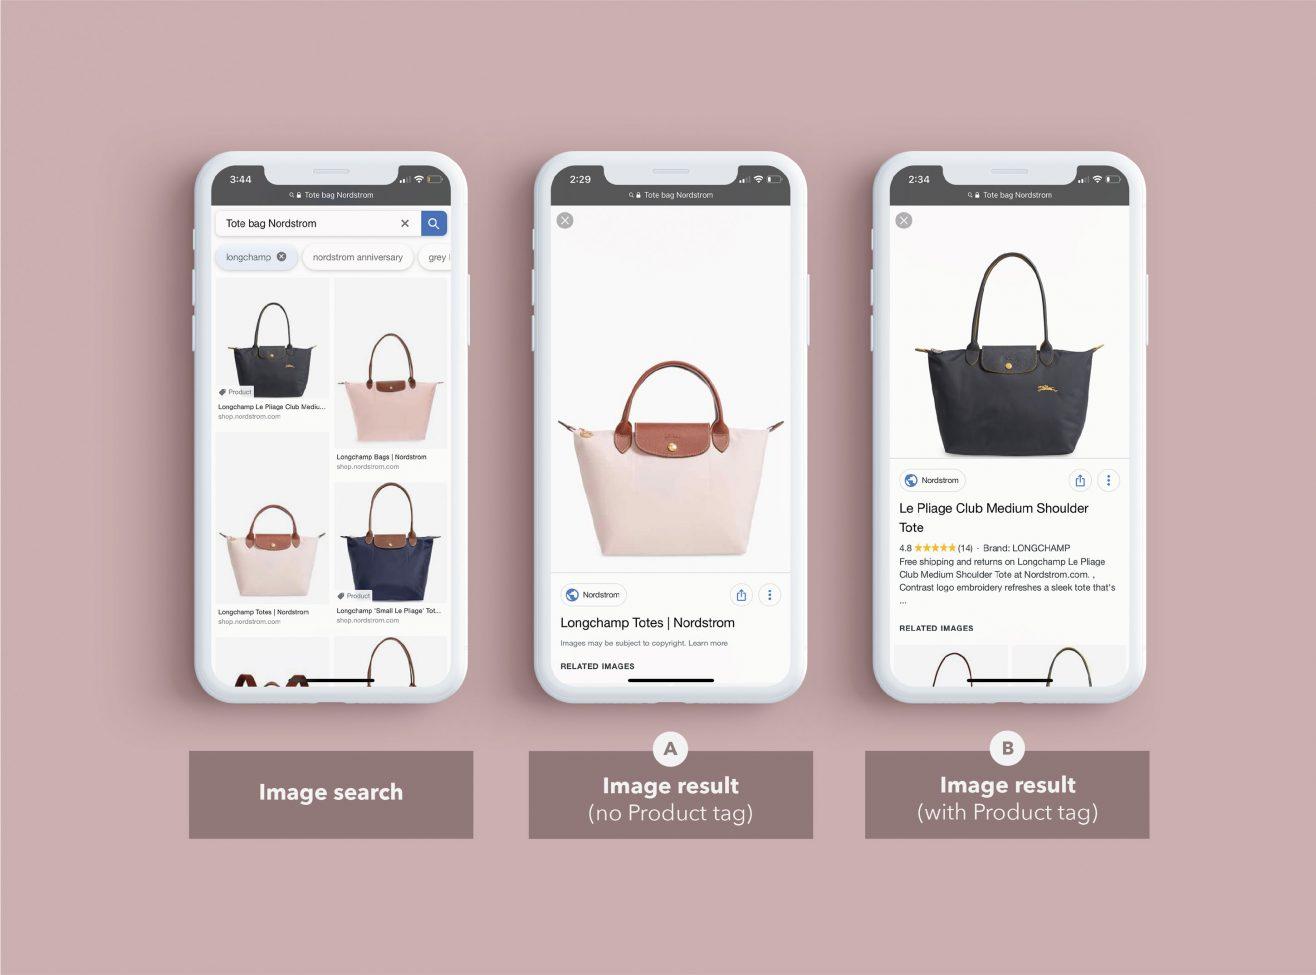 Google image results Product tag vs no tag